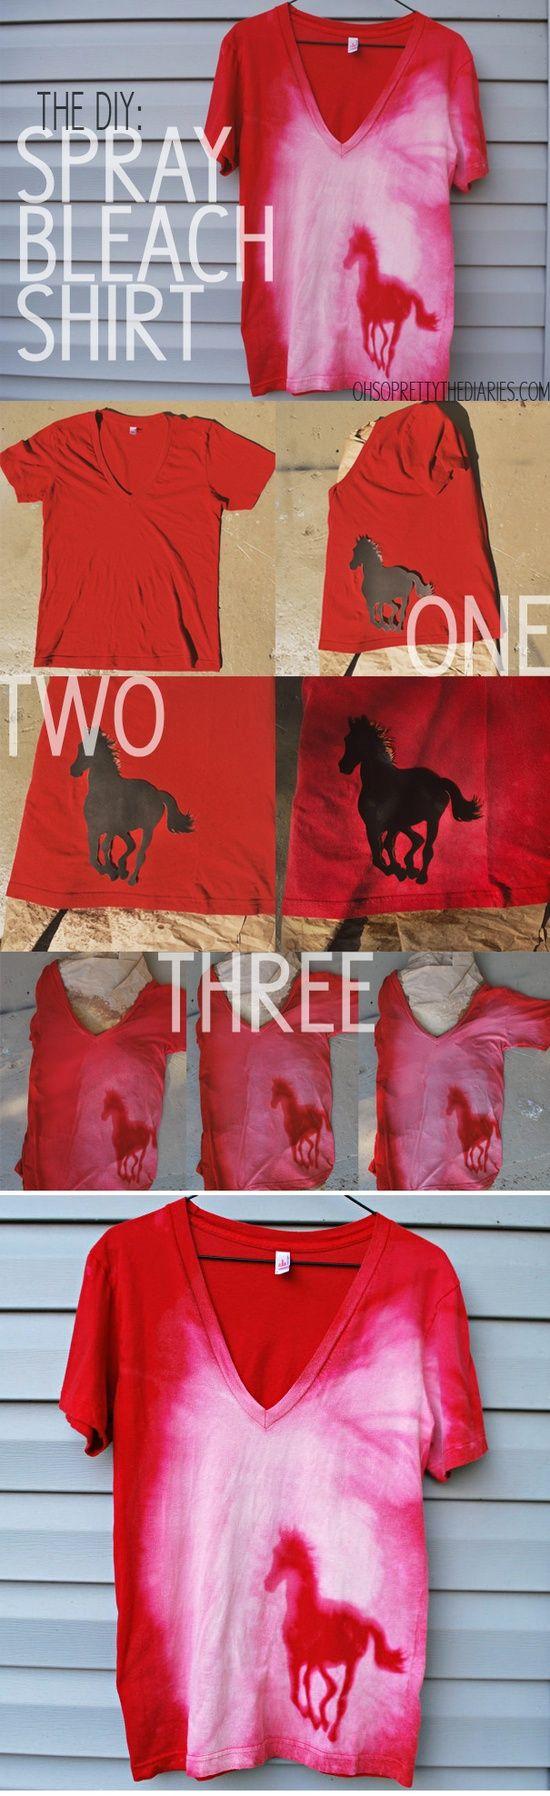 Spray Beach Silhouette Shirt. Idea for Cricut vinyl.